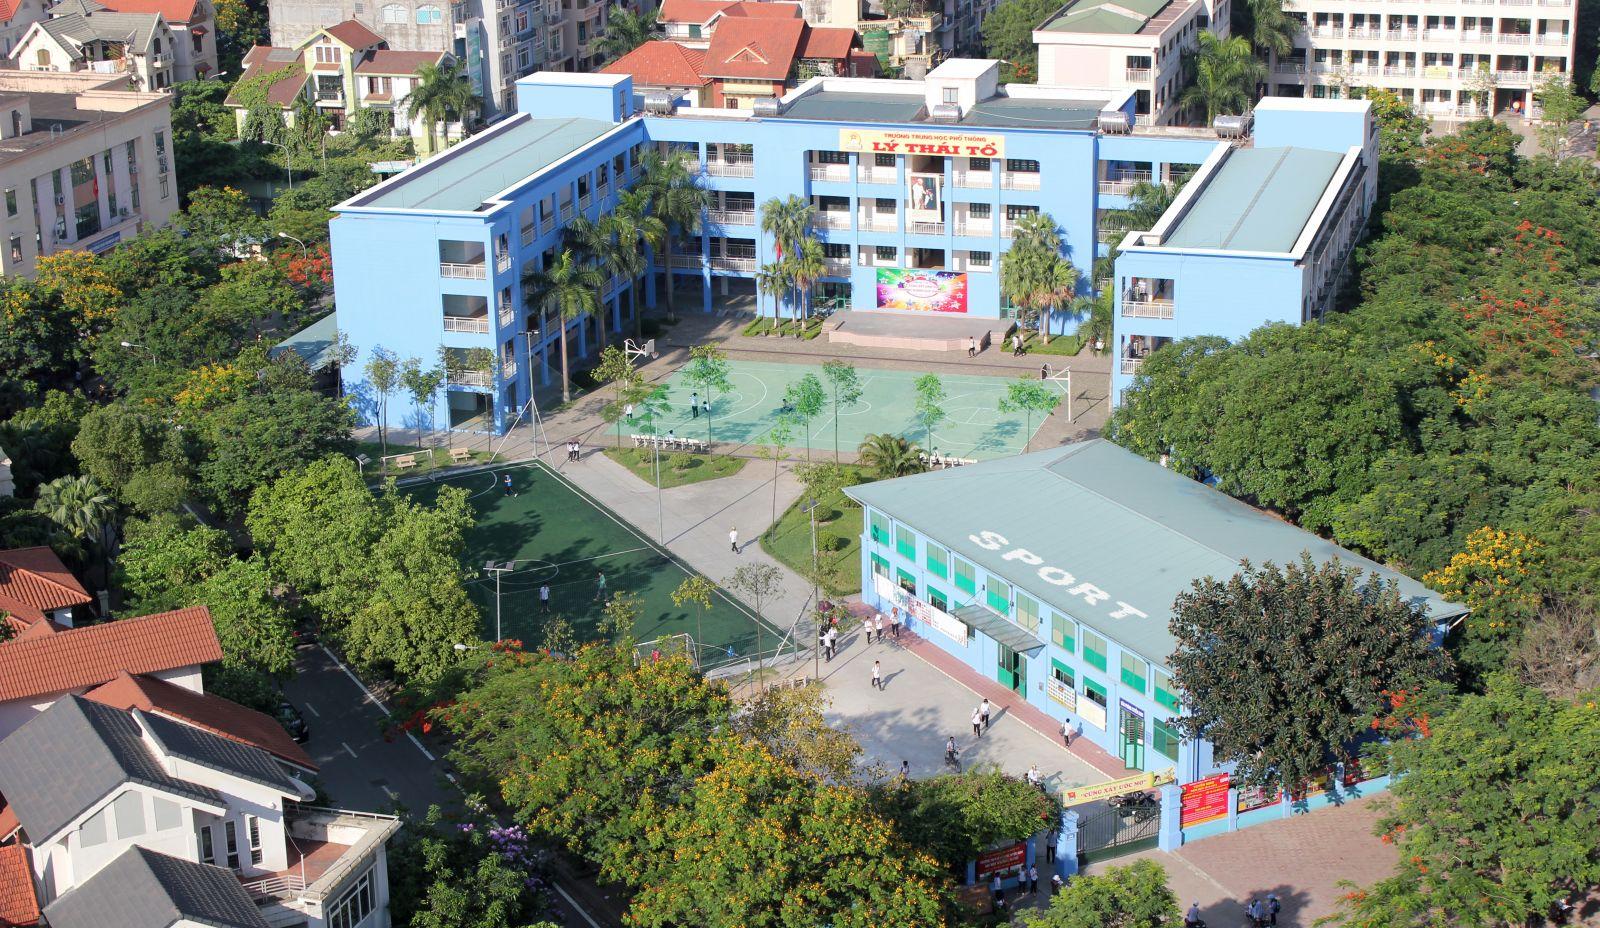 Cơ sở vật chất trường Lý Thái Tổ, cấp THCS - THPT, Cầu Giấy, Hà Nội (Ảnh: website nhà trường)